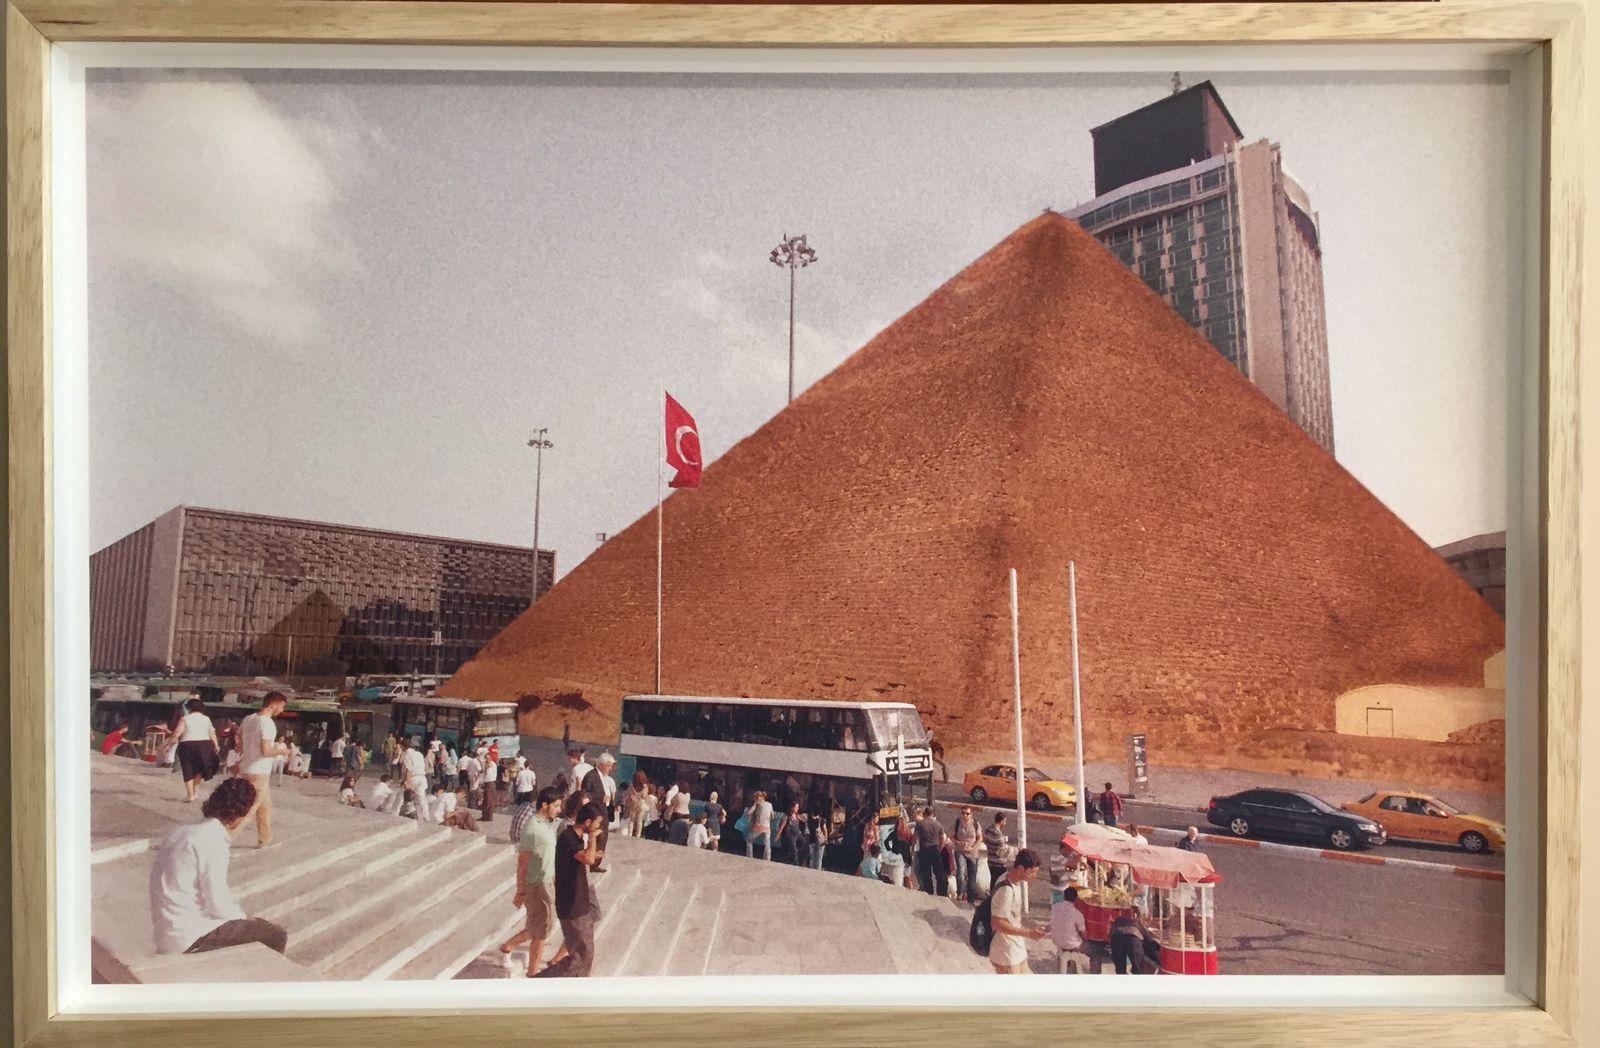 Işıl Eğrikavuk, Change Will Be Terrific! Taksim- Pyramid (Triptik), 2012, Digital print, edition 3; 1 AP, 50x32 cm.